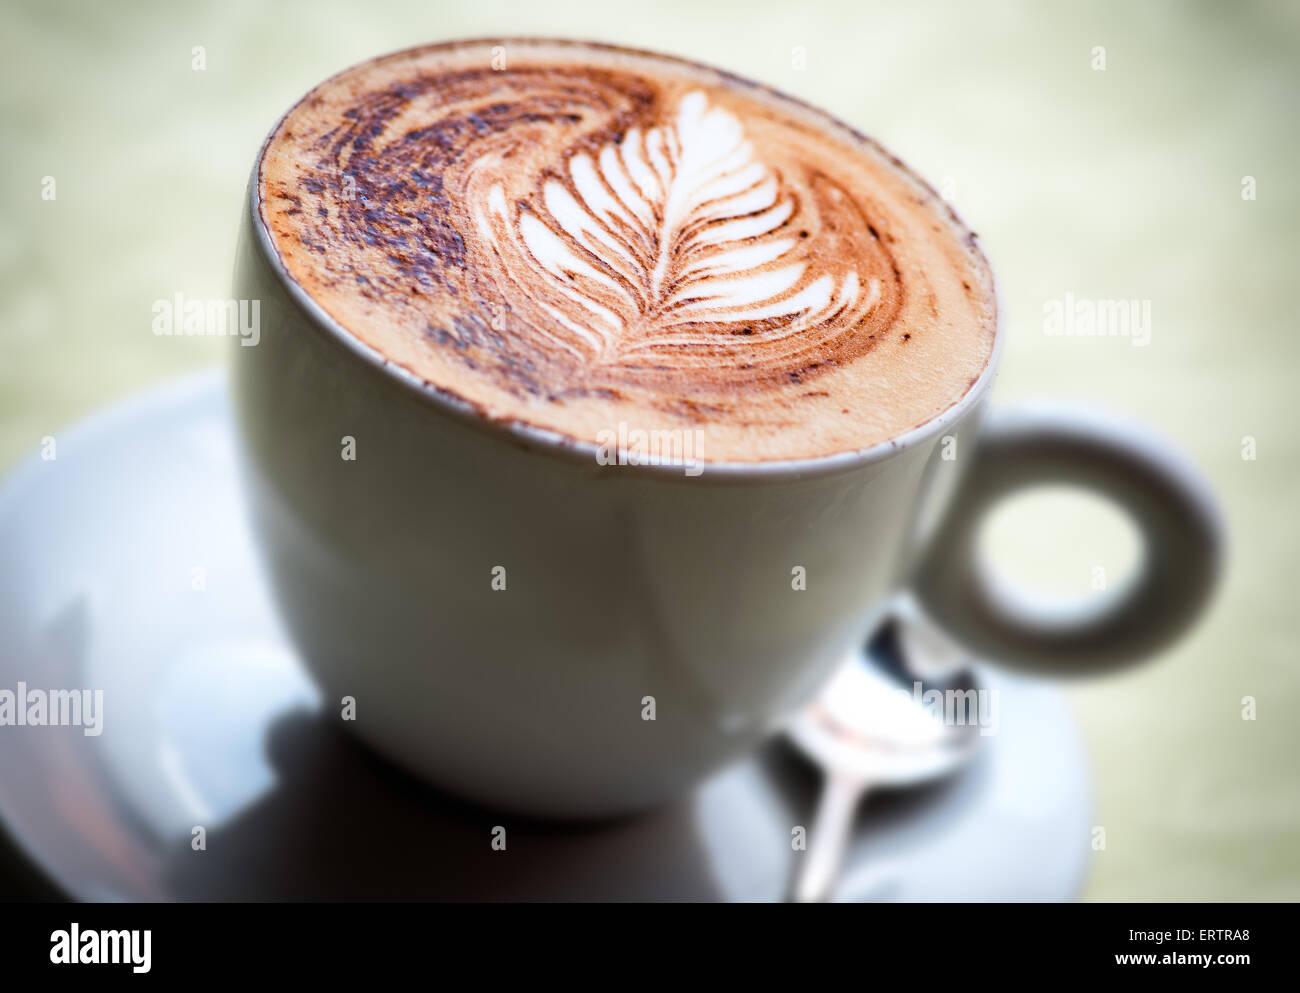 Una deliziosa tazza di hot cappuccino italiano caffè con una foglia decorativa pattern Immagini Stock